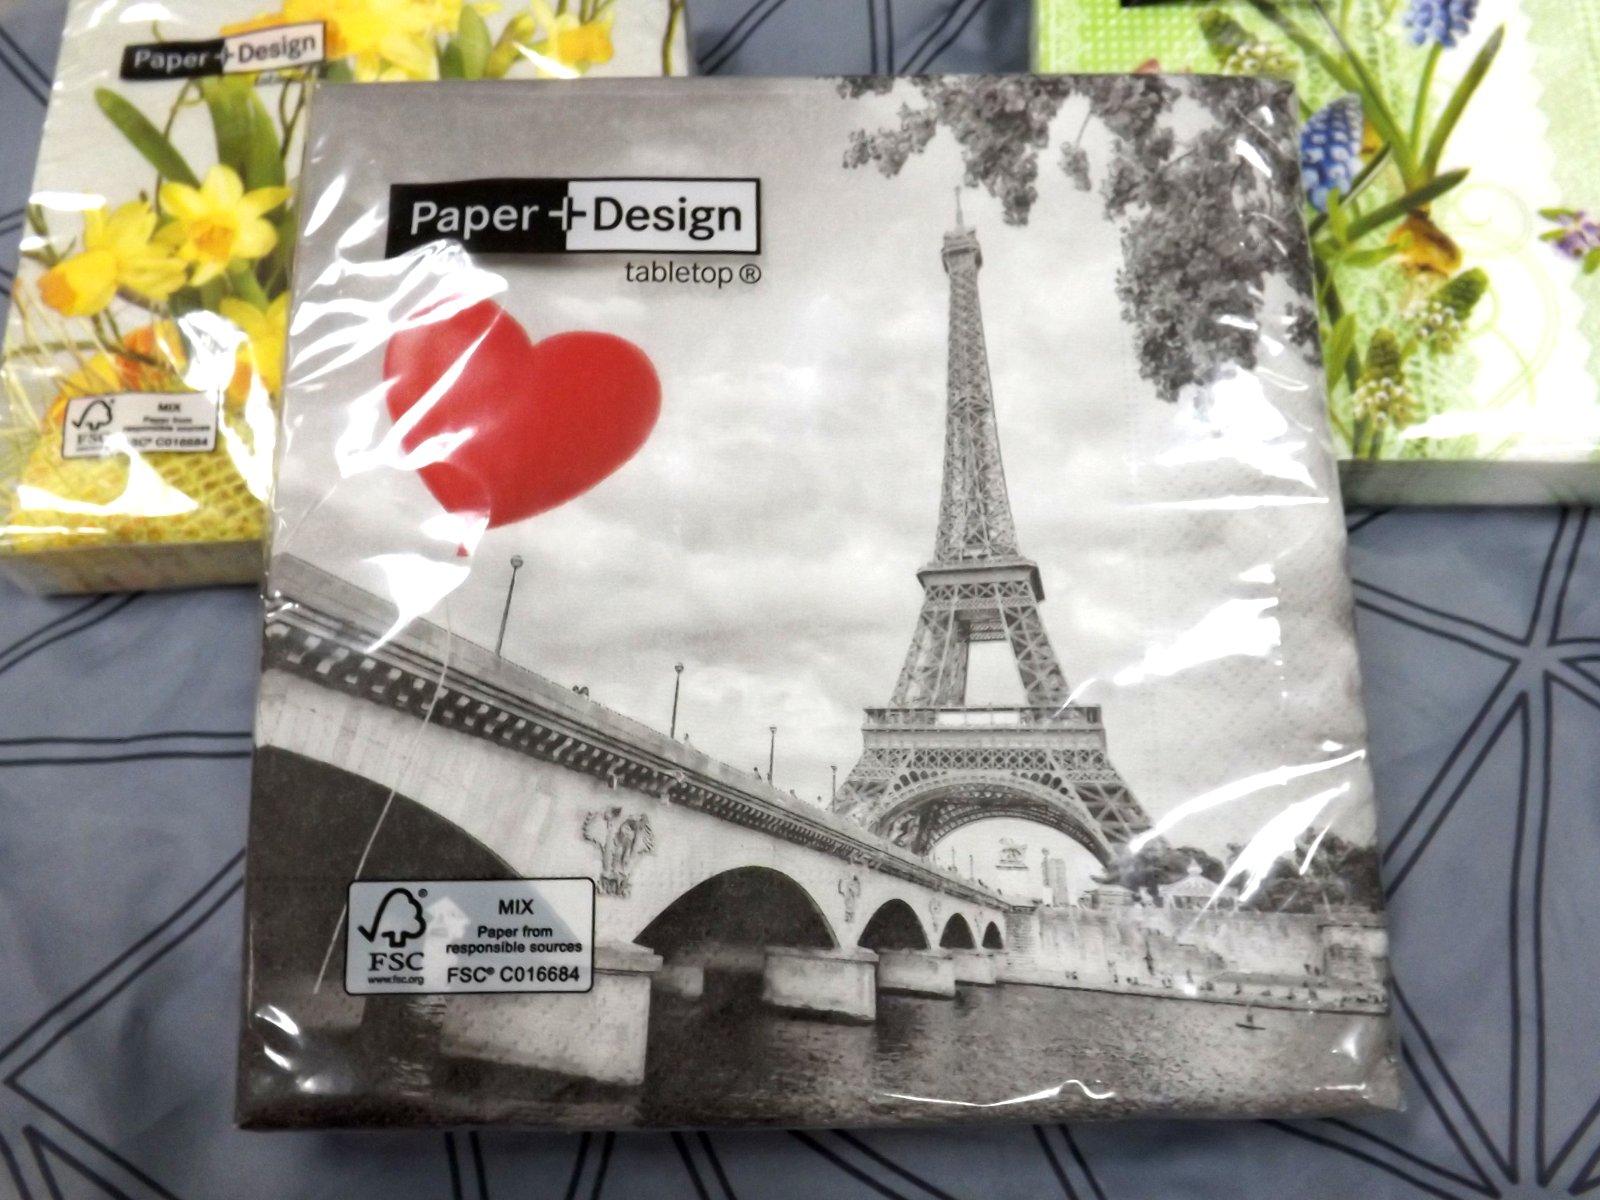 Бумажные салфетки от Paper+Design в прозрачных упаковках с изображениями эйфелевой башни и цветов